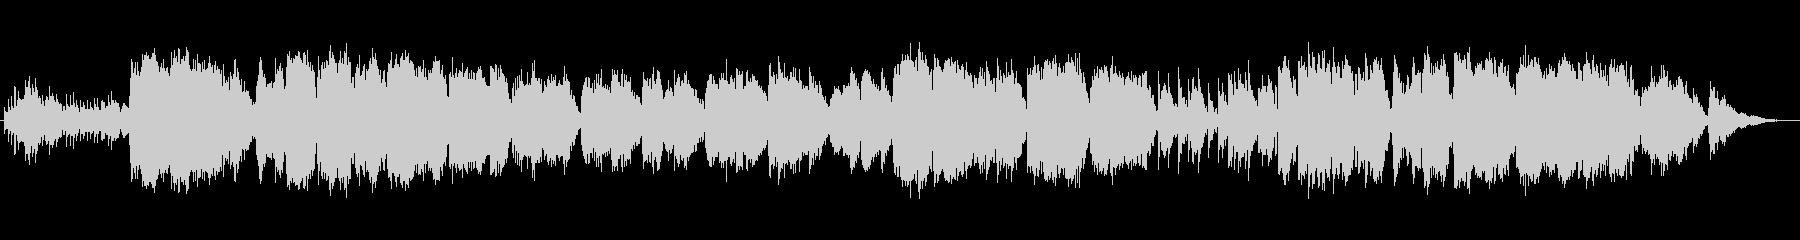 ファンタジックなオルゴール風オーケストラの未再生の波形